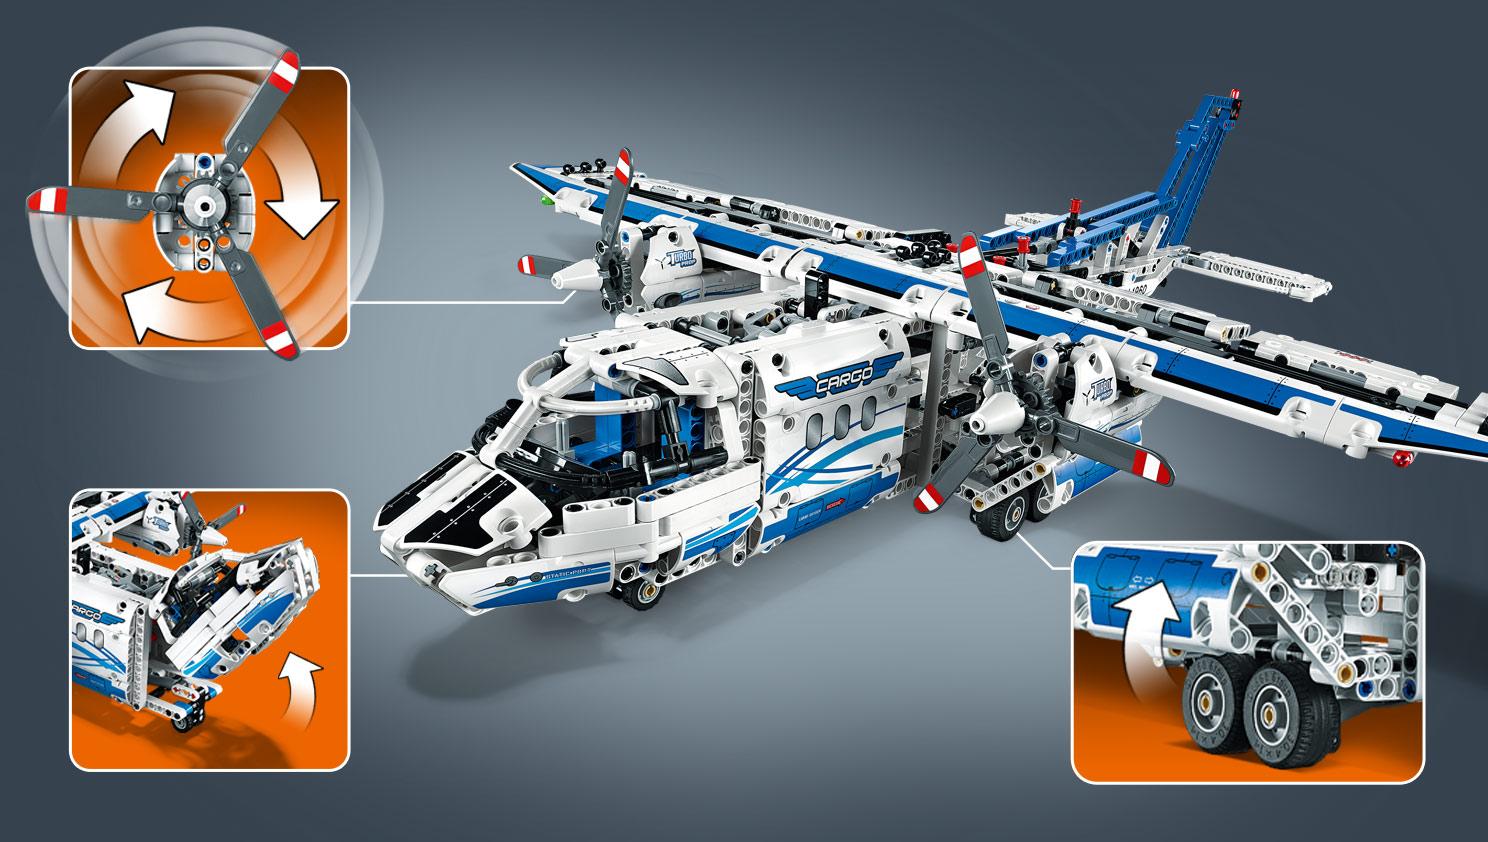 Cargo Cargo 42025L'avion Lego 42025L'avion Lego 42025L'avion Technic Lego Technic Cargo Technic Technic 42025L'avion Lego kiuTXPOZ